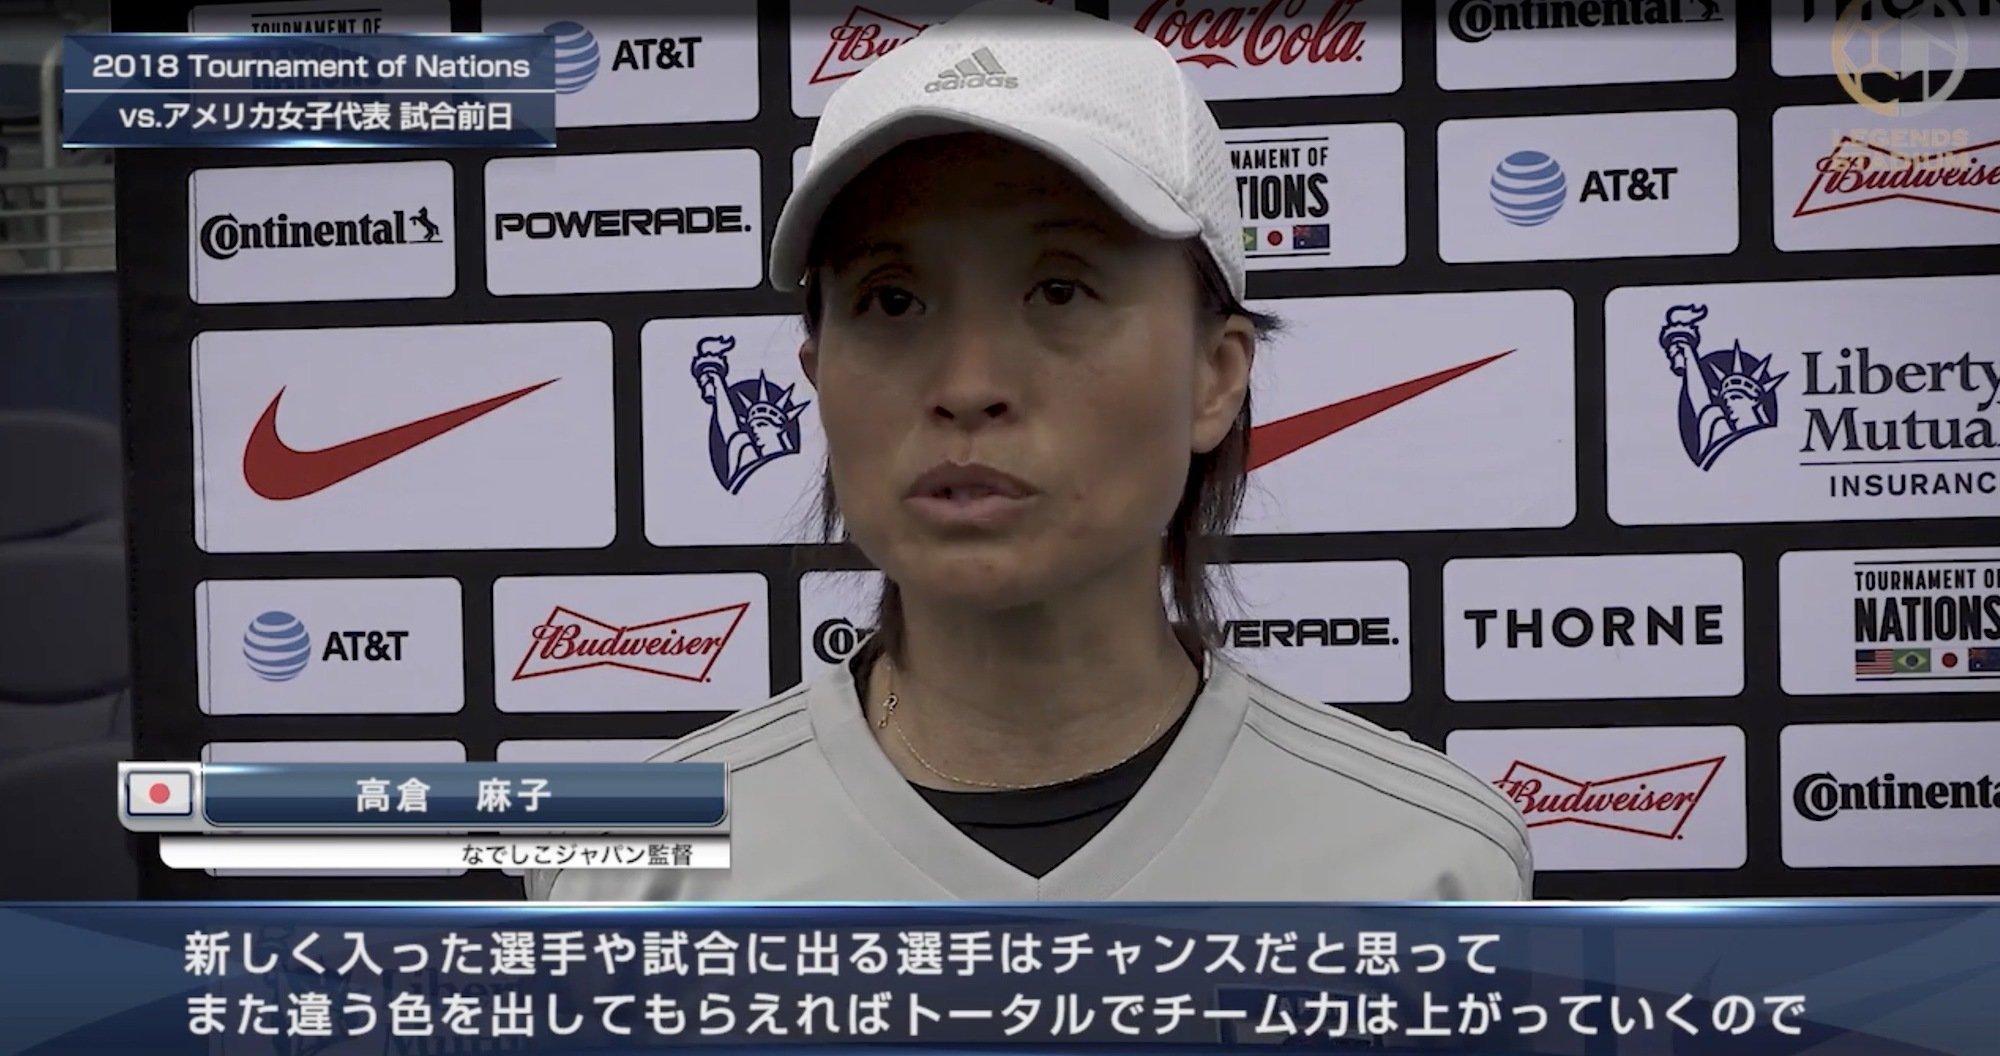 高倉麻子監督「新しく入った選手にはチャンス。違った色を出してもらえればトータルでチーム力は上がっていく」